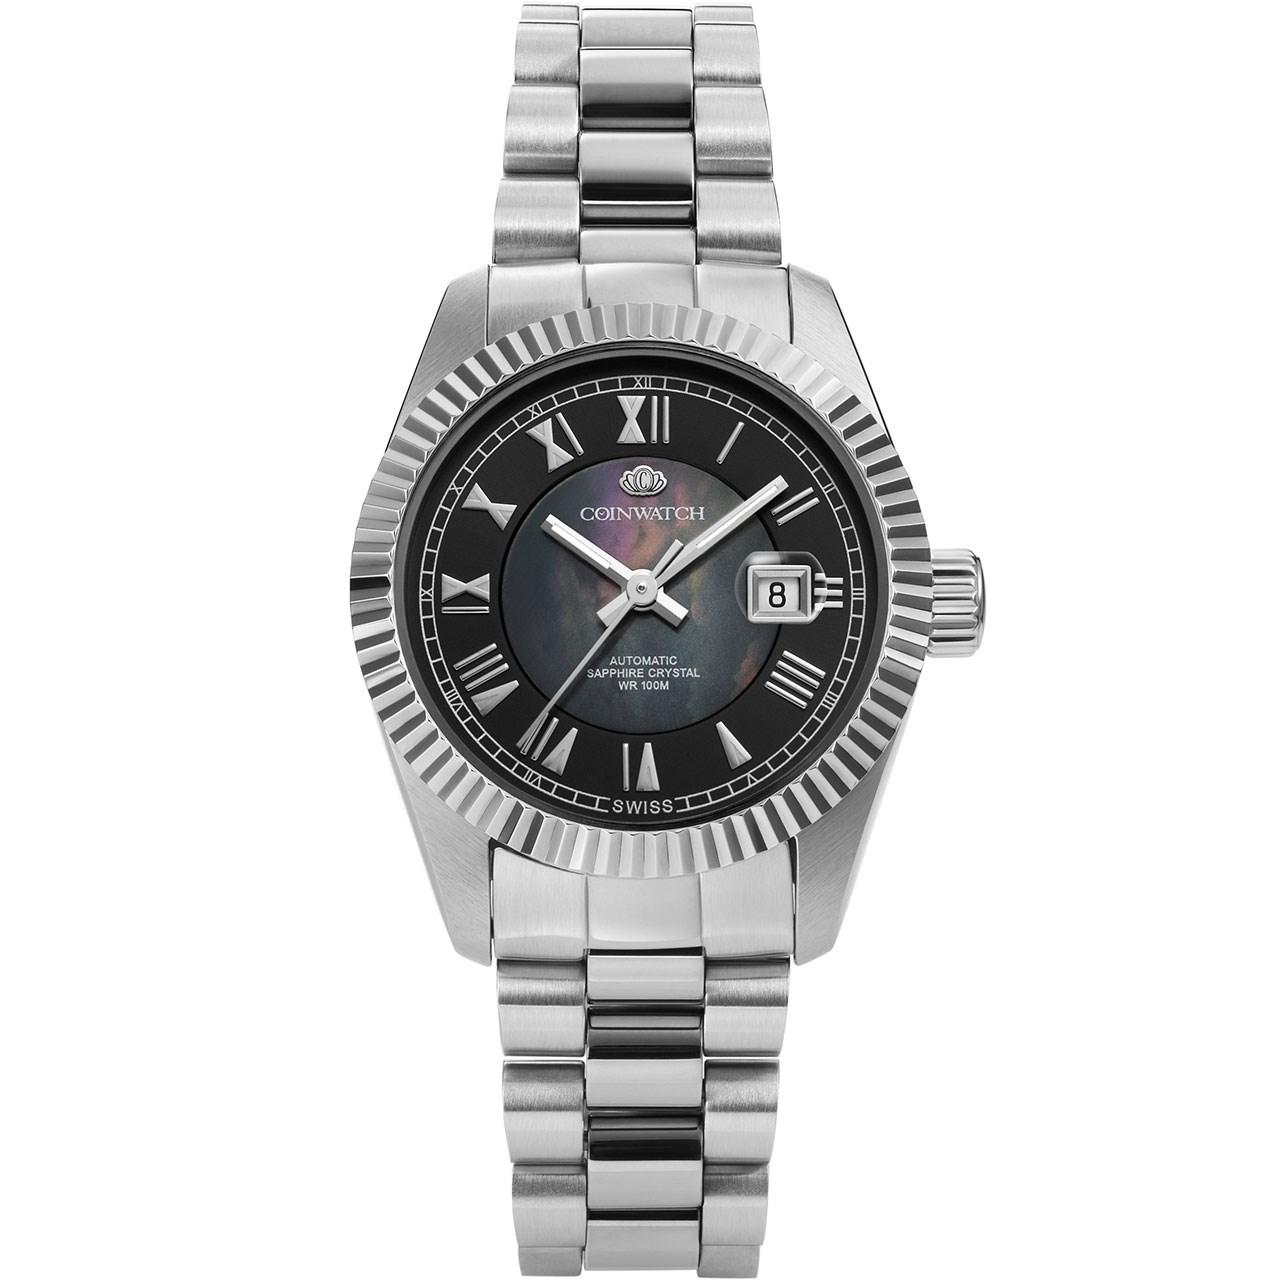 خرید ساعت مچی عقربه ای زنانه کوین واچ مدل C110SBK